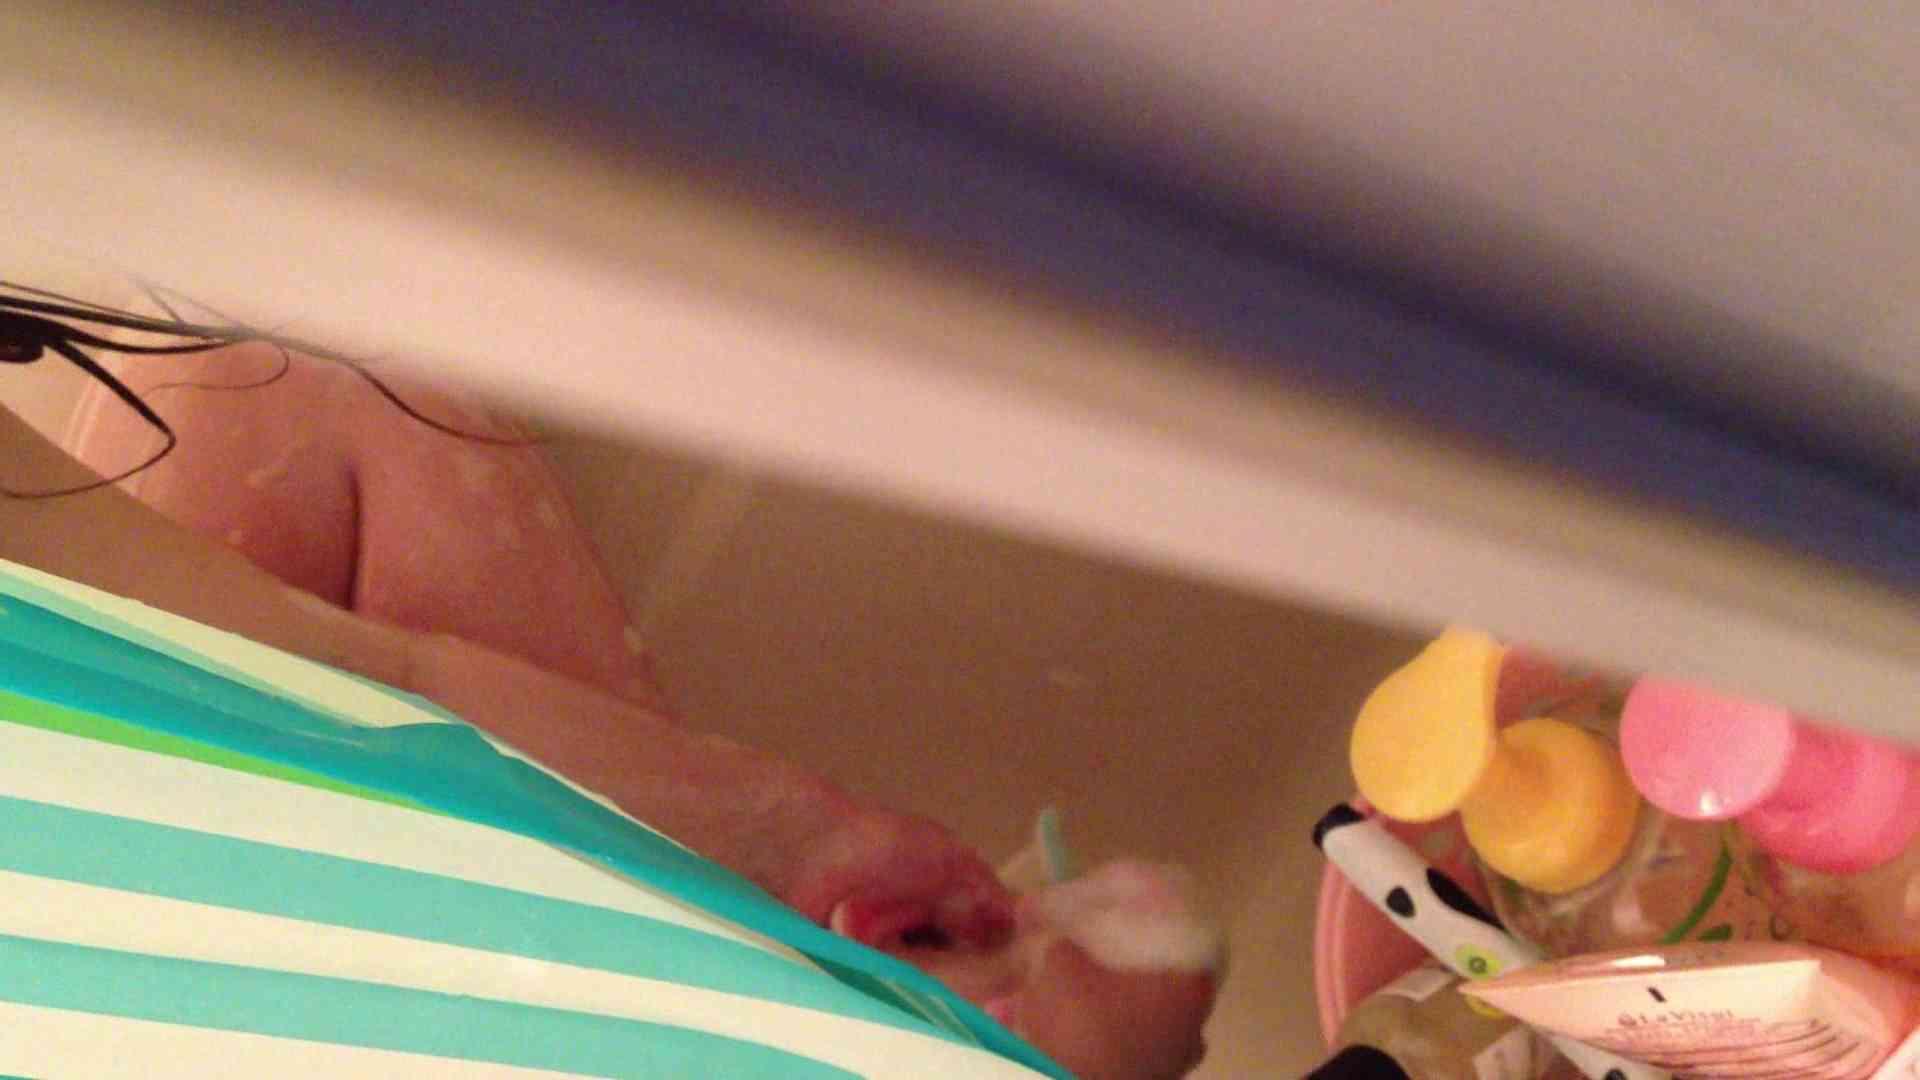 16(16日目)シャワー中にムダ毛処理をする彼女 パイパン映像 | 一般投稿  100pic 13